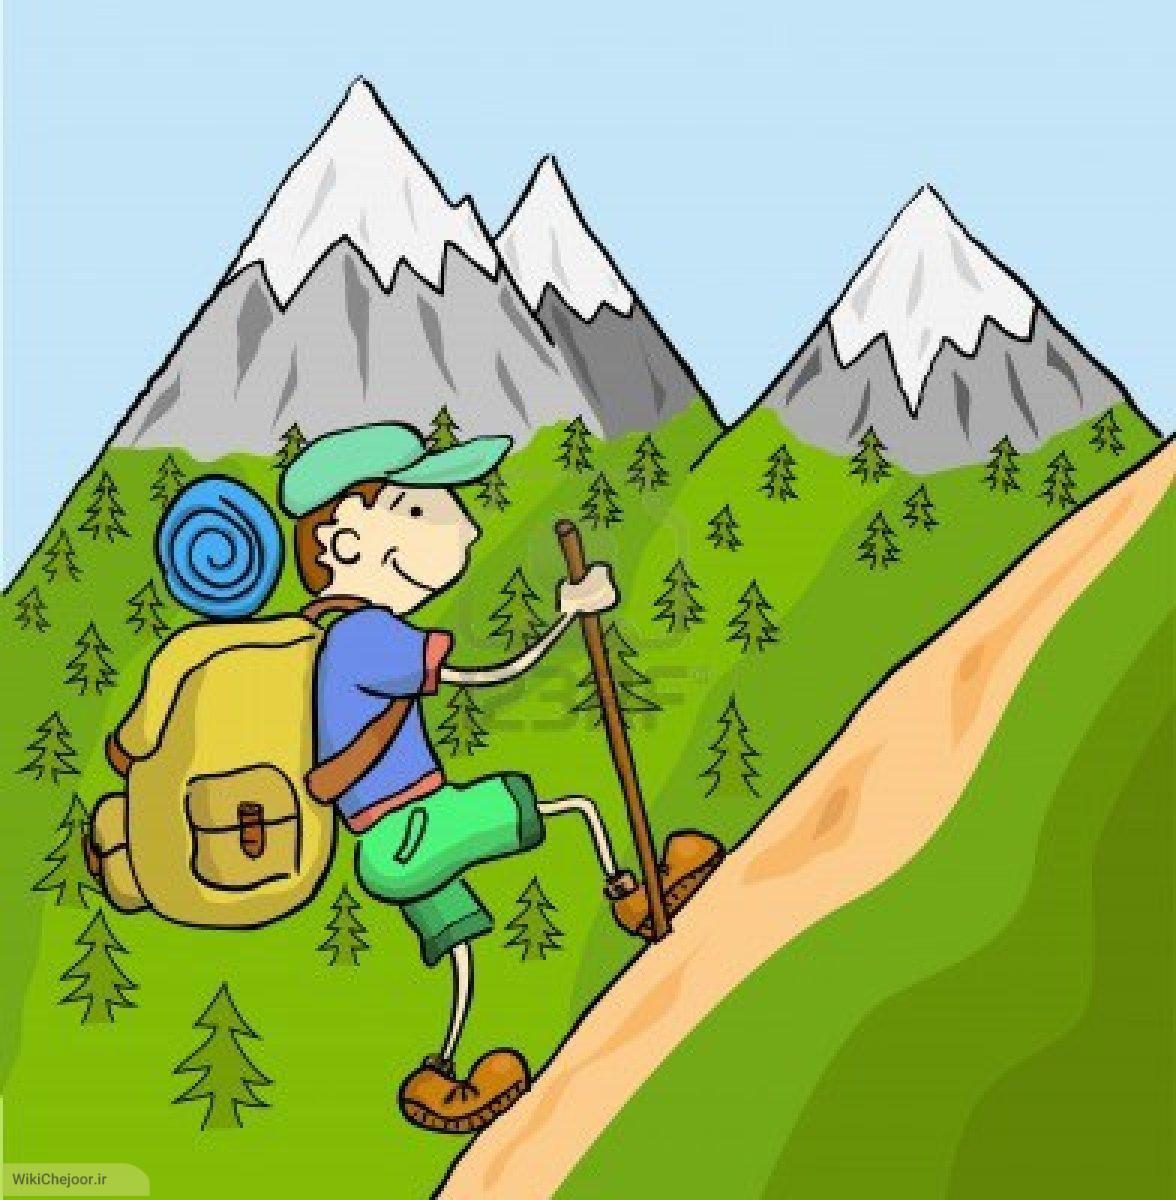 چگونه یک کوه را صعود کنیم؟؟؟ قسمت دوم